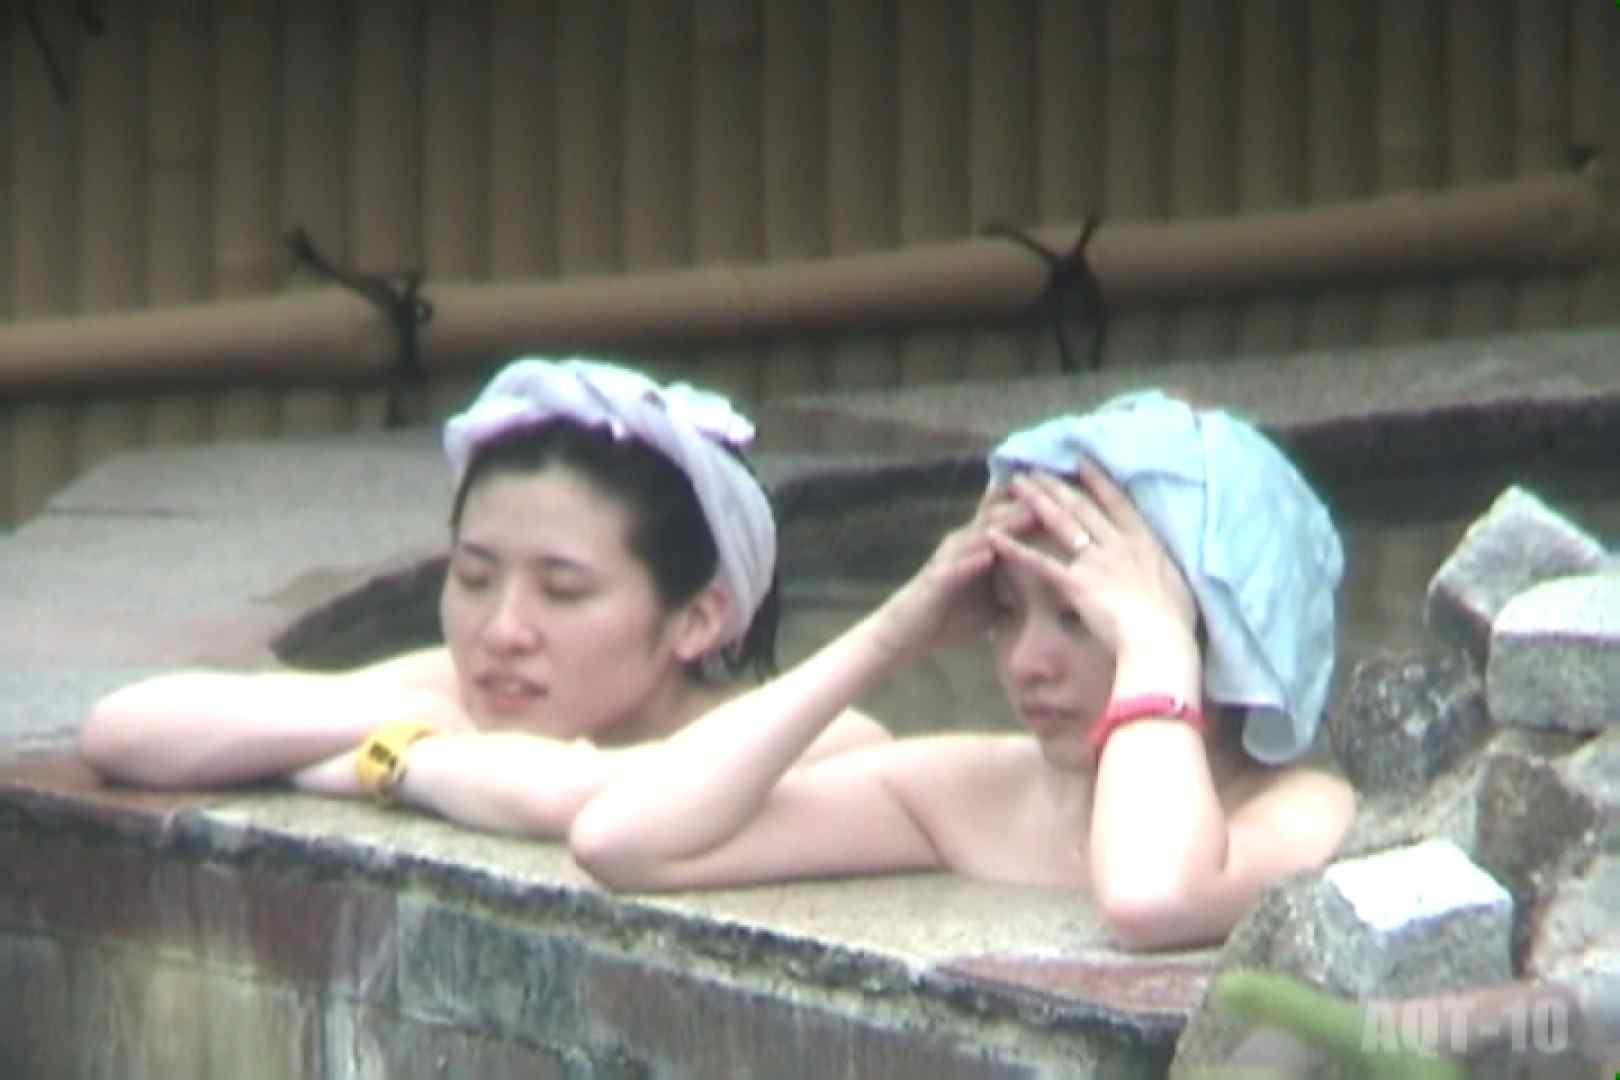 Aquaな露天風呂Vol.793 露天 | 盗撮特集  56画像 33